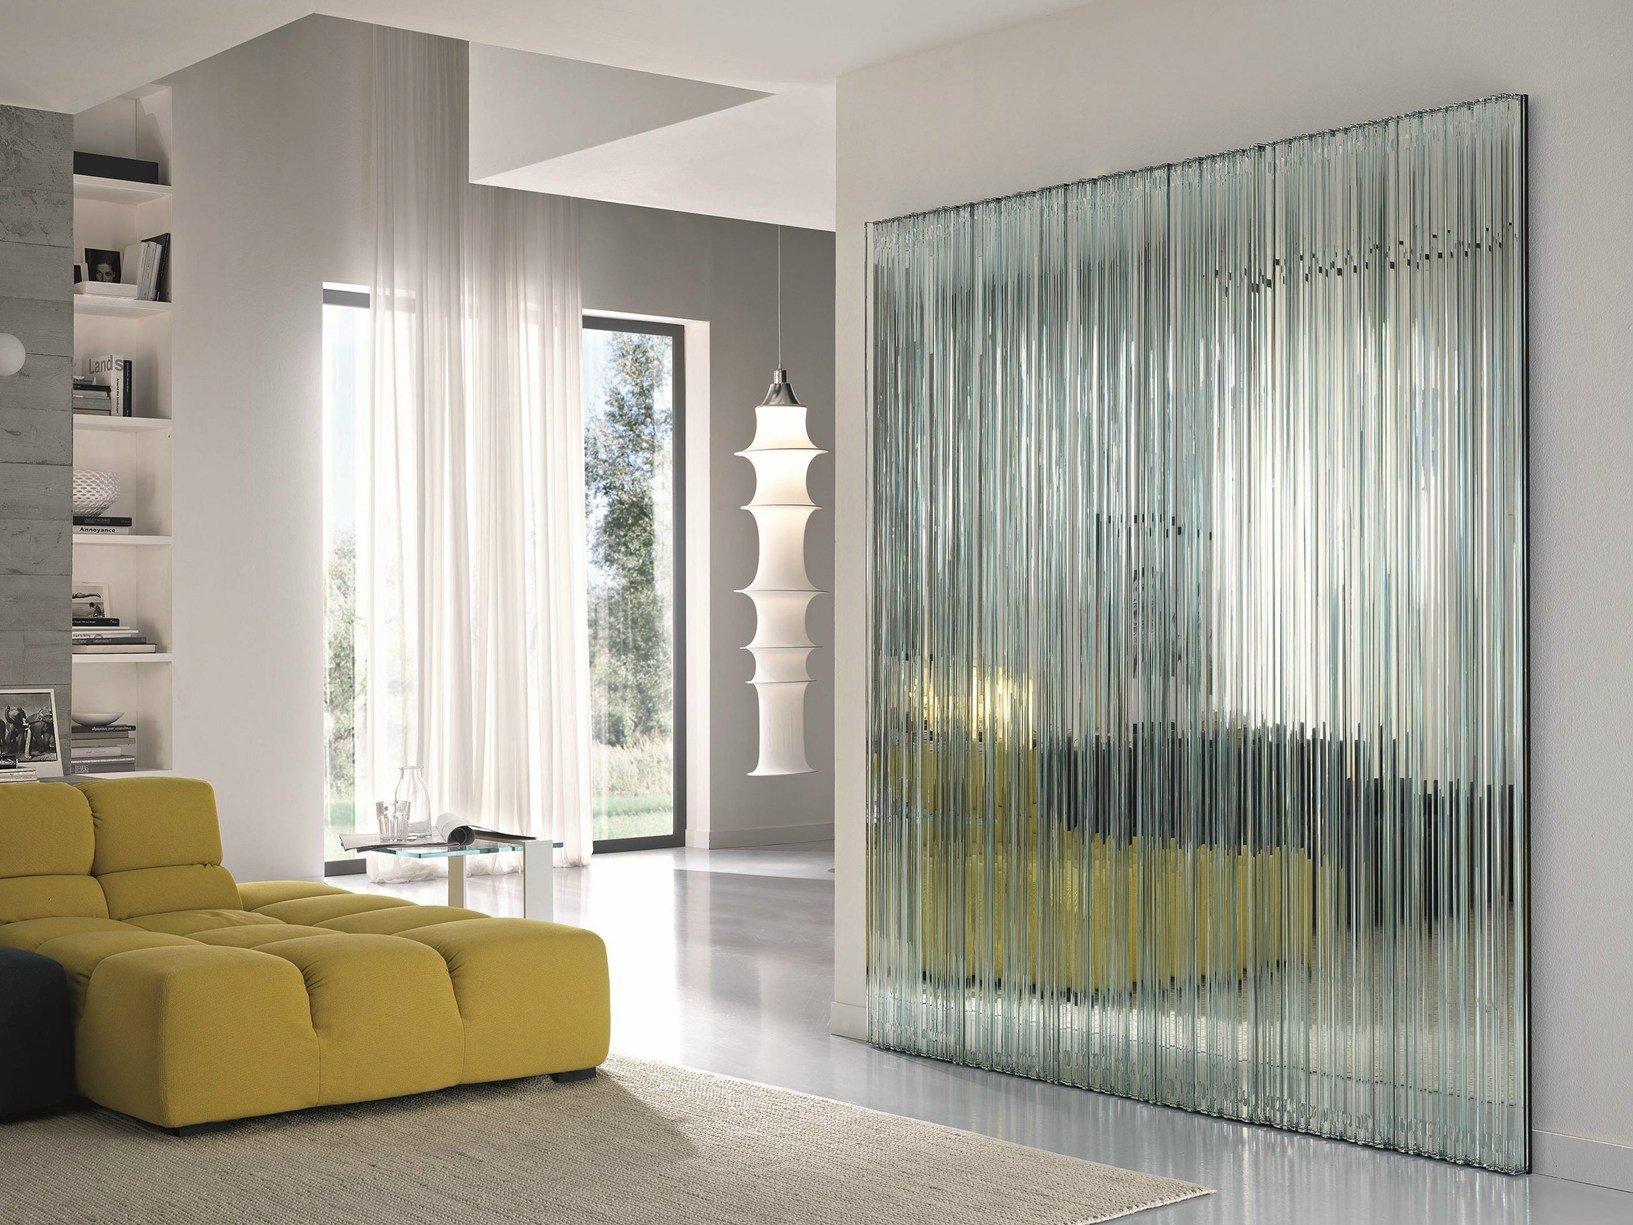 La nuova collezione di arredi in vetro tonelli design for Arredamento di design tedesco